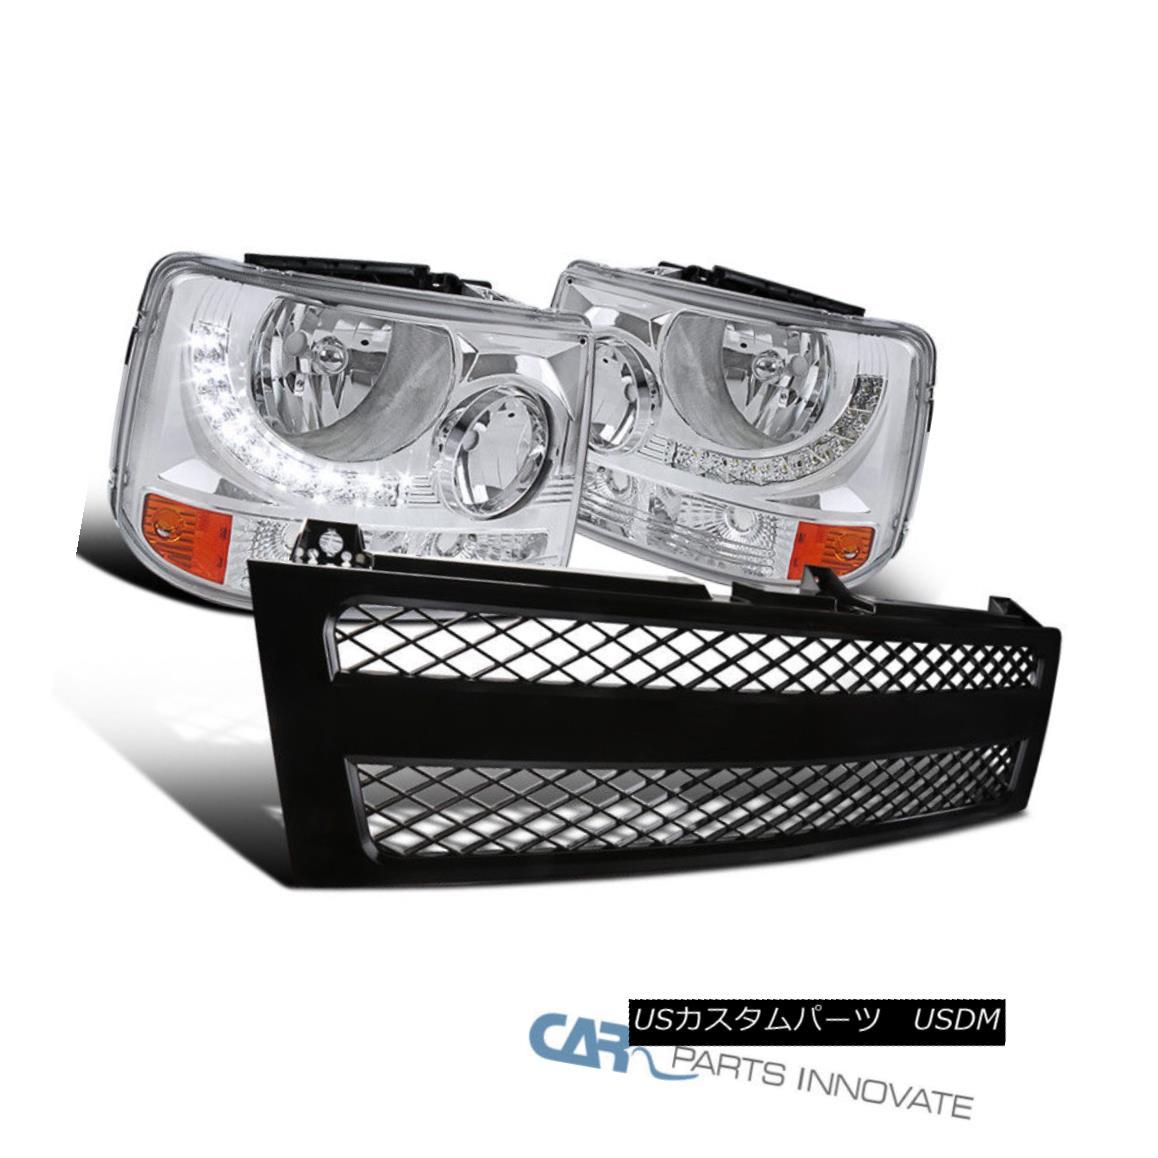 グリル Chevy 99-02 Silverado 2in1 Clear Headlights+LED DRL+Black ABS Mesh Hood Grille シボレー99-02シルバラード2in1クリアヘッドライト+ LED DRL +ブラックABSメッシュフードグリル